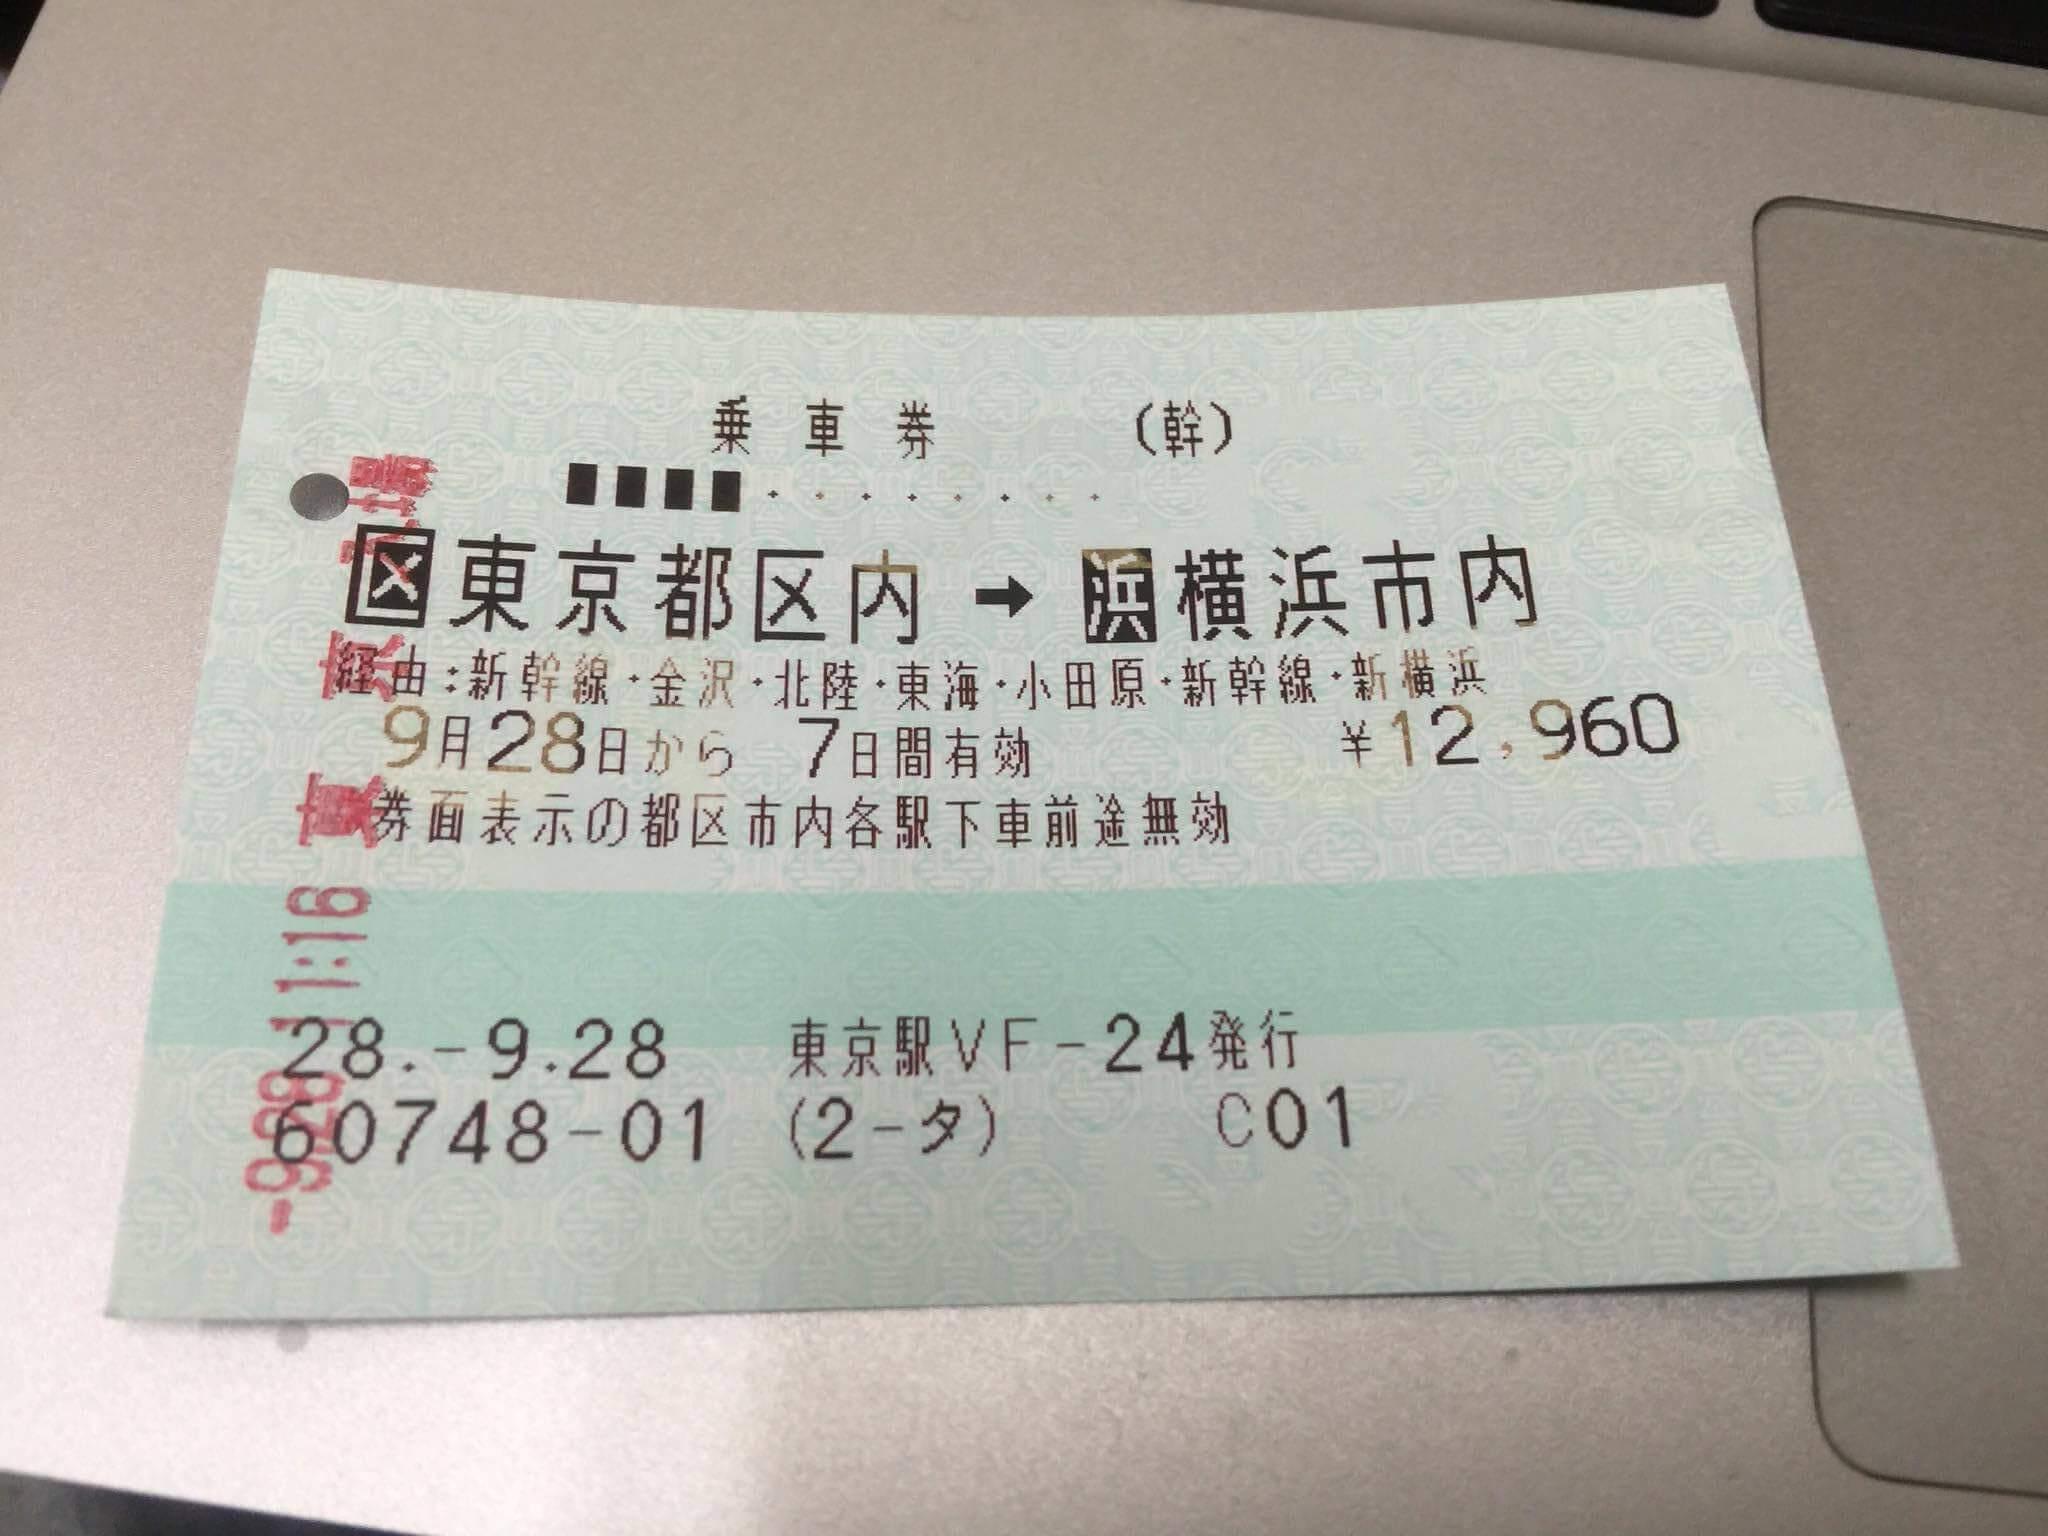 東京から金沢経由で横浜へ行く乗車券を購入